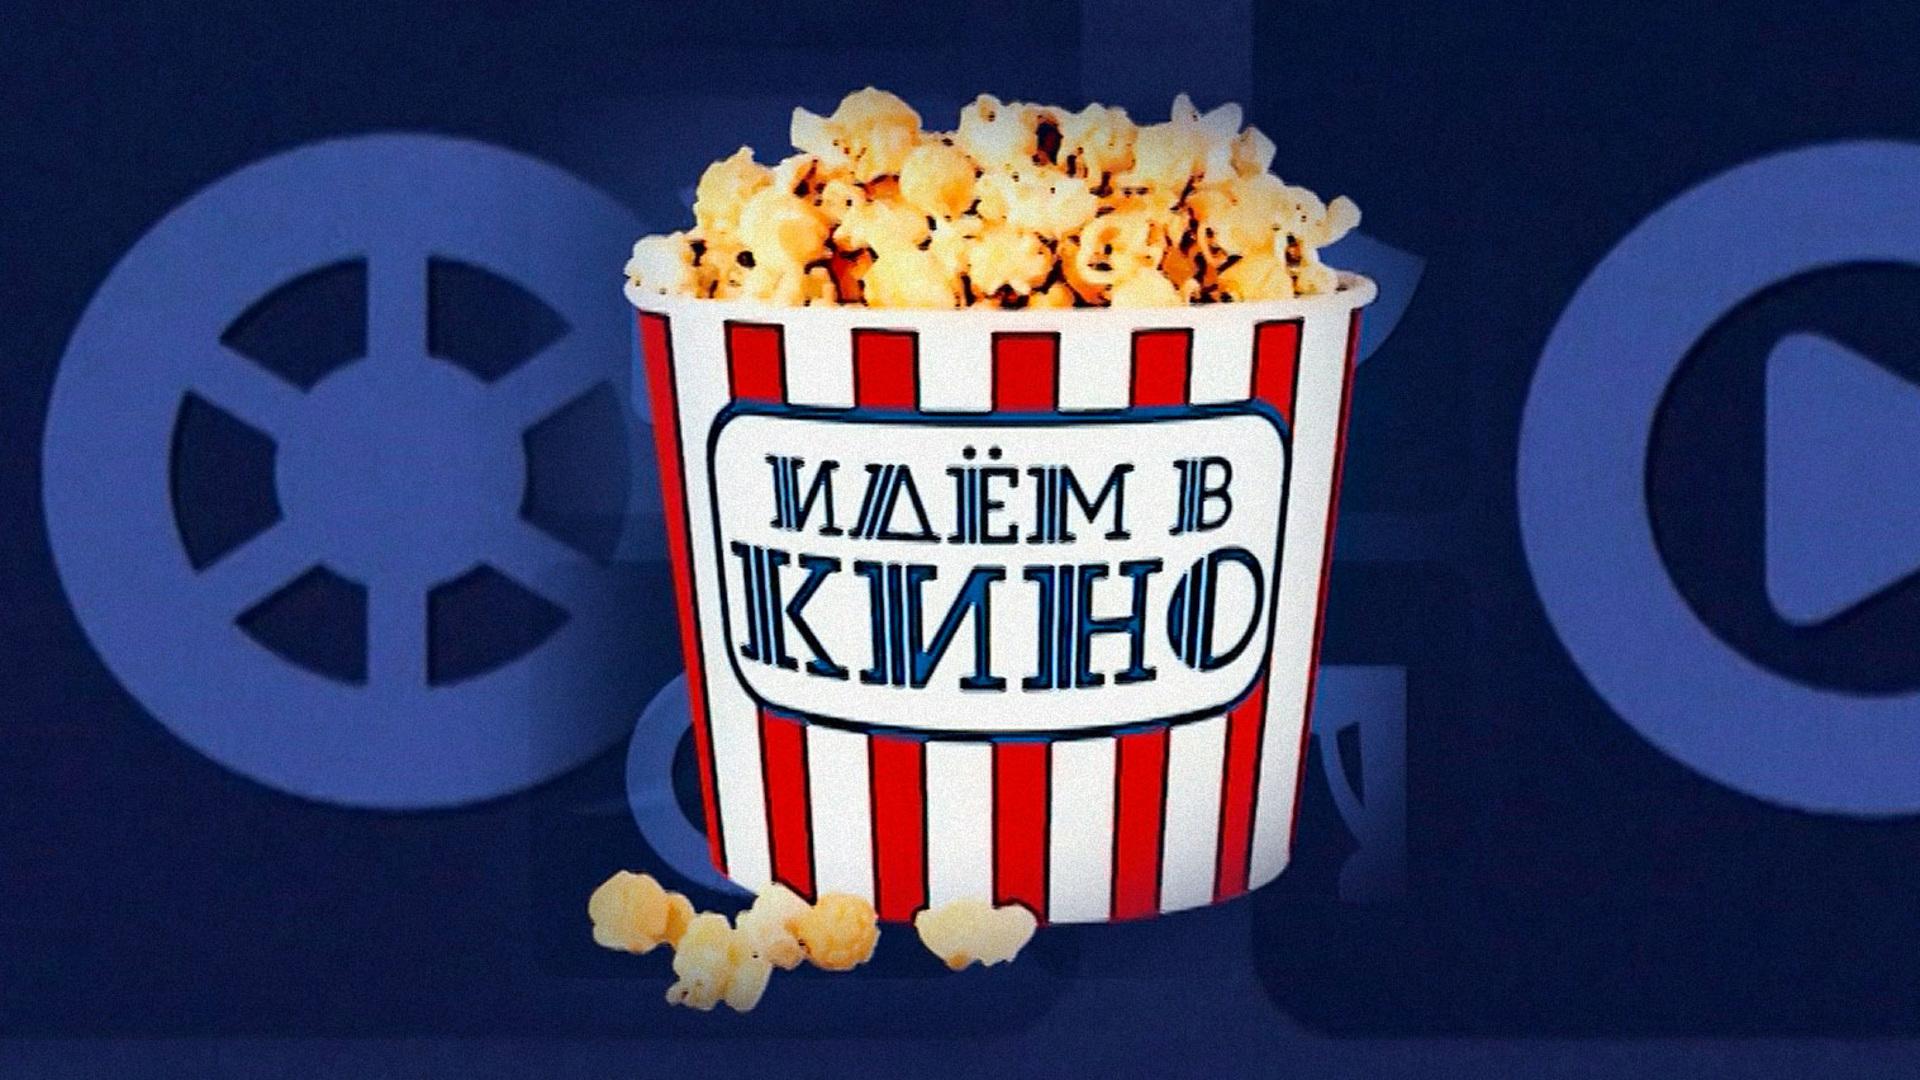 Идем в кино!